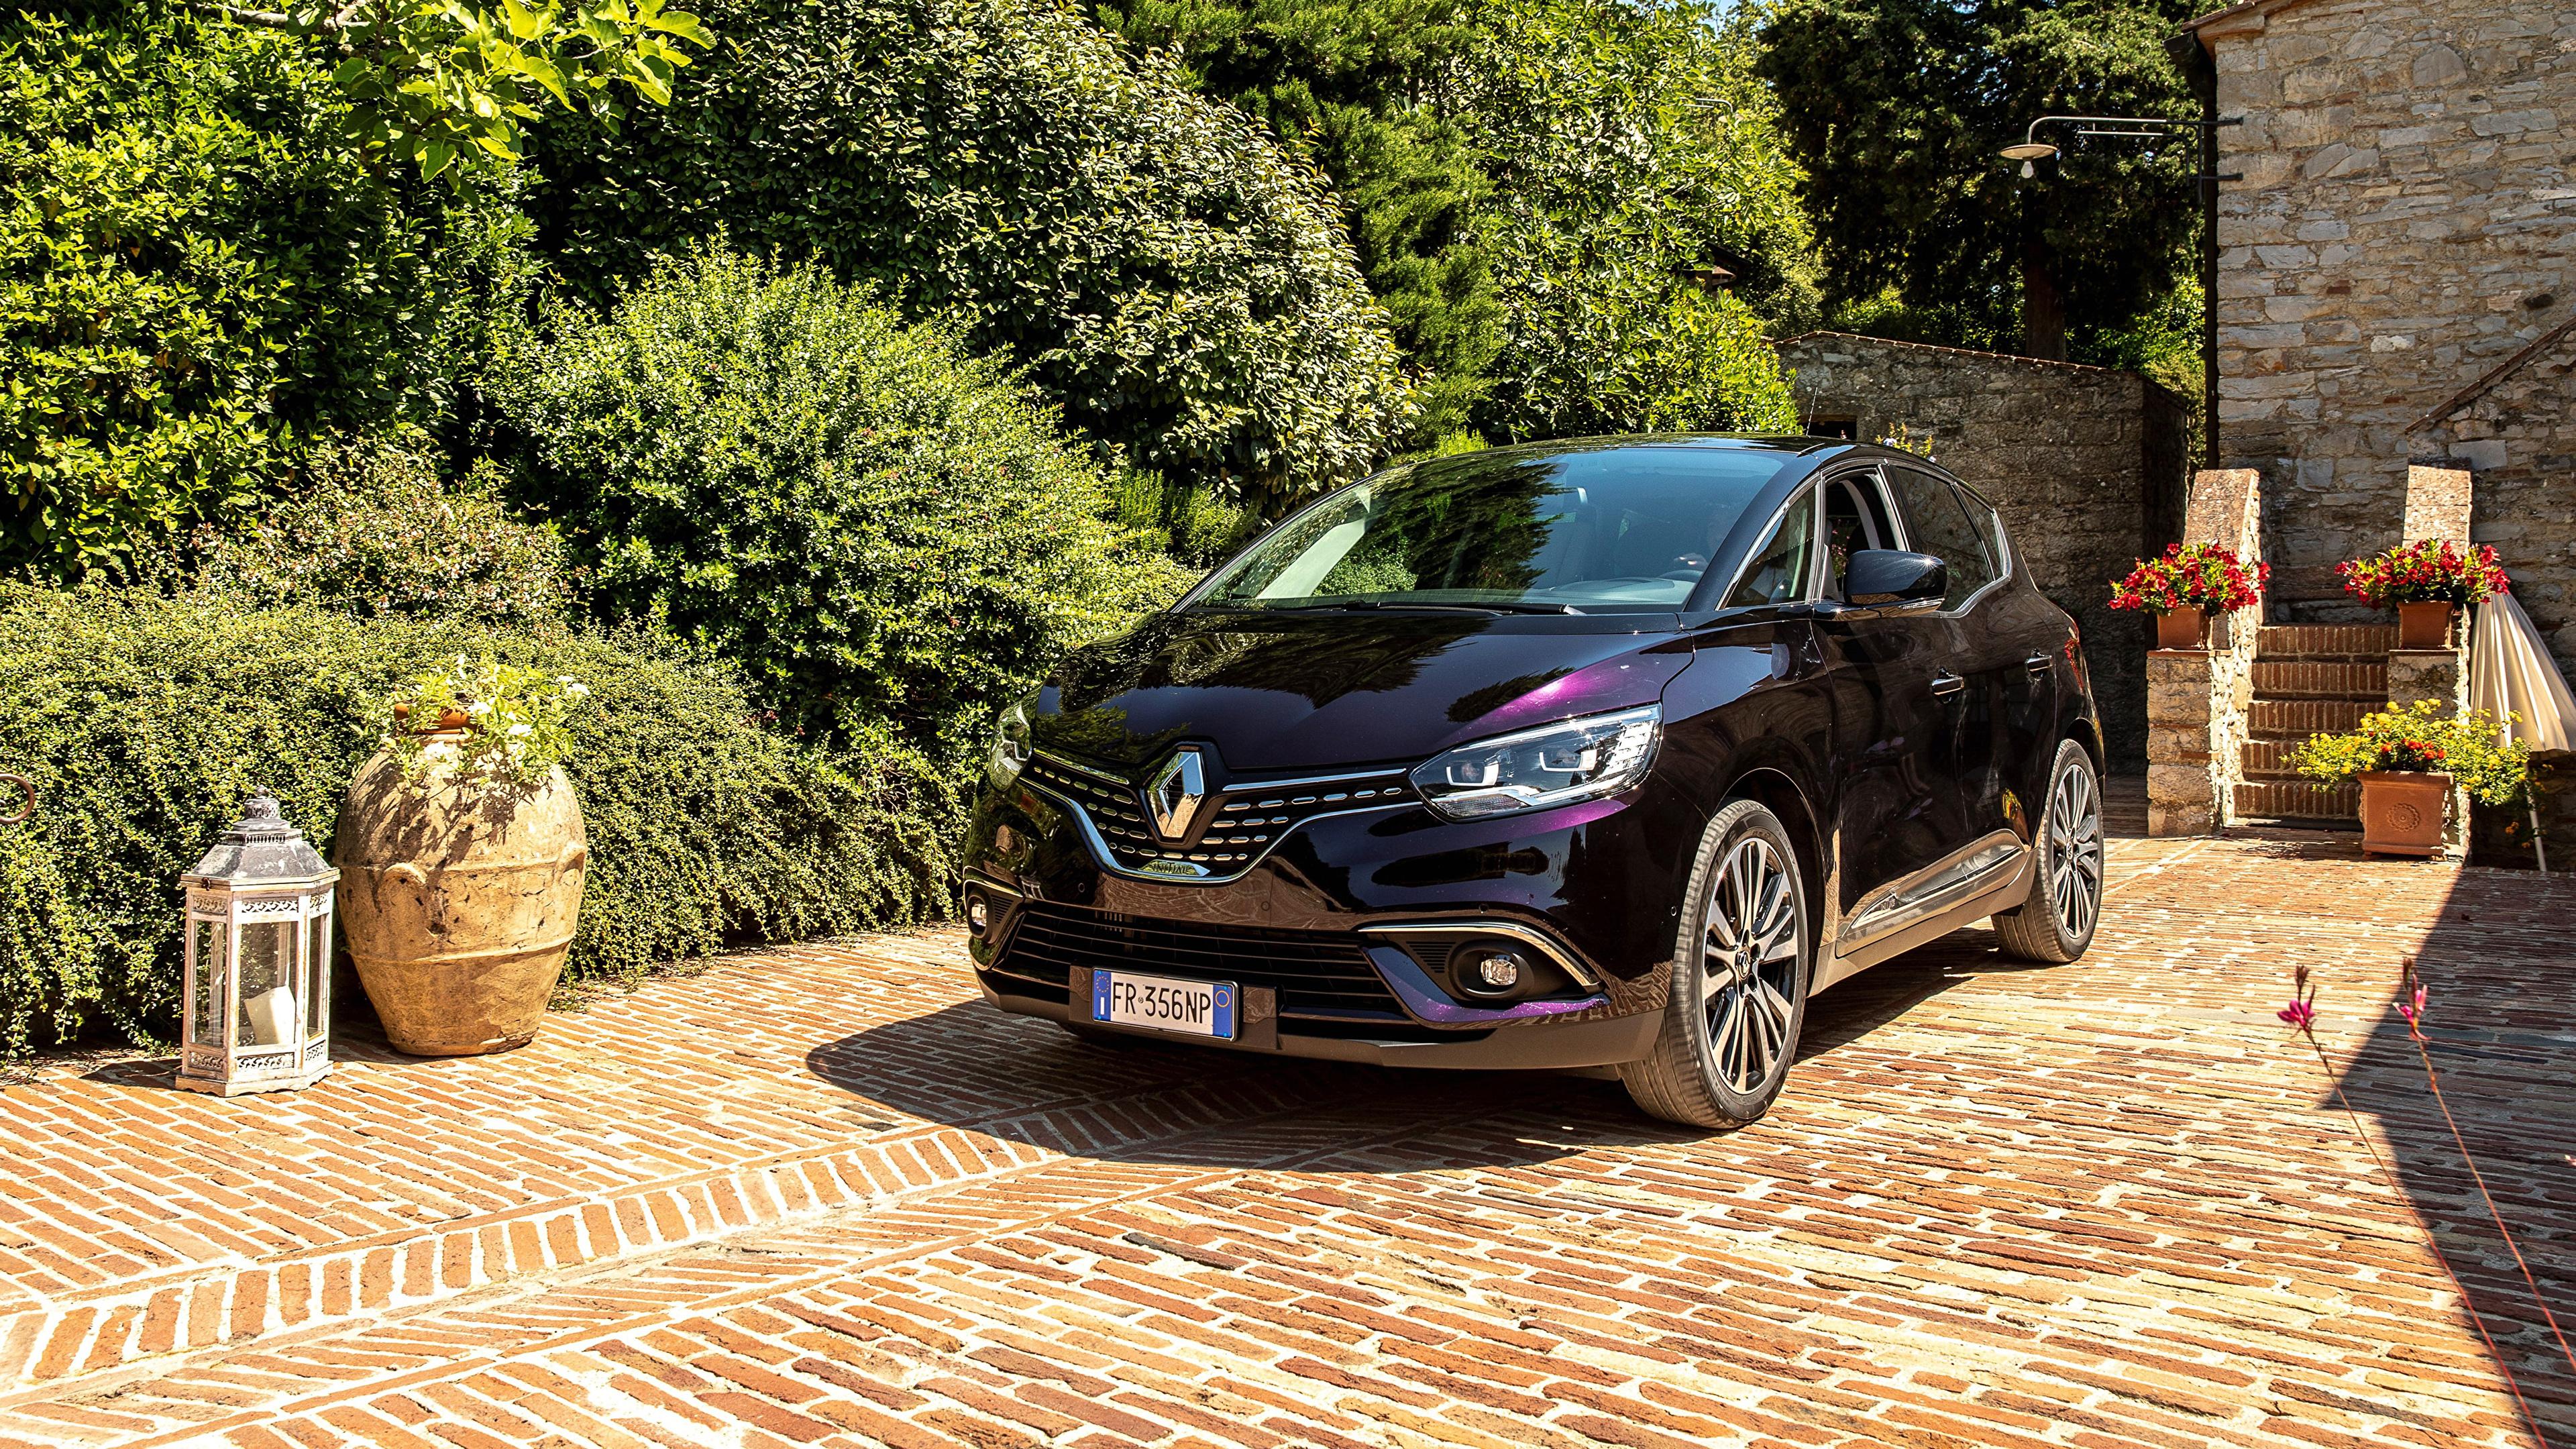 Фотография Renault 2017-19 Scenic Initiale Paris Worldwide бордовая Металлик Автомобили 3840x2160 Рено Бордовый бордовые темно красный авто машина машины автомобиль